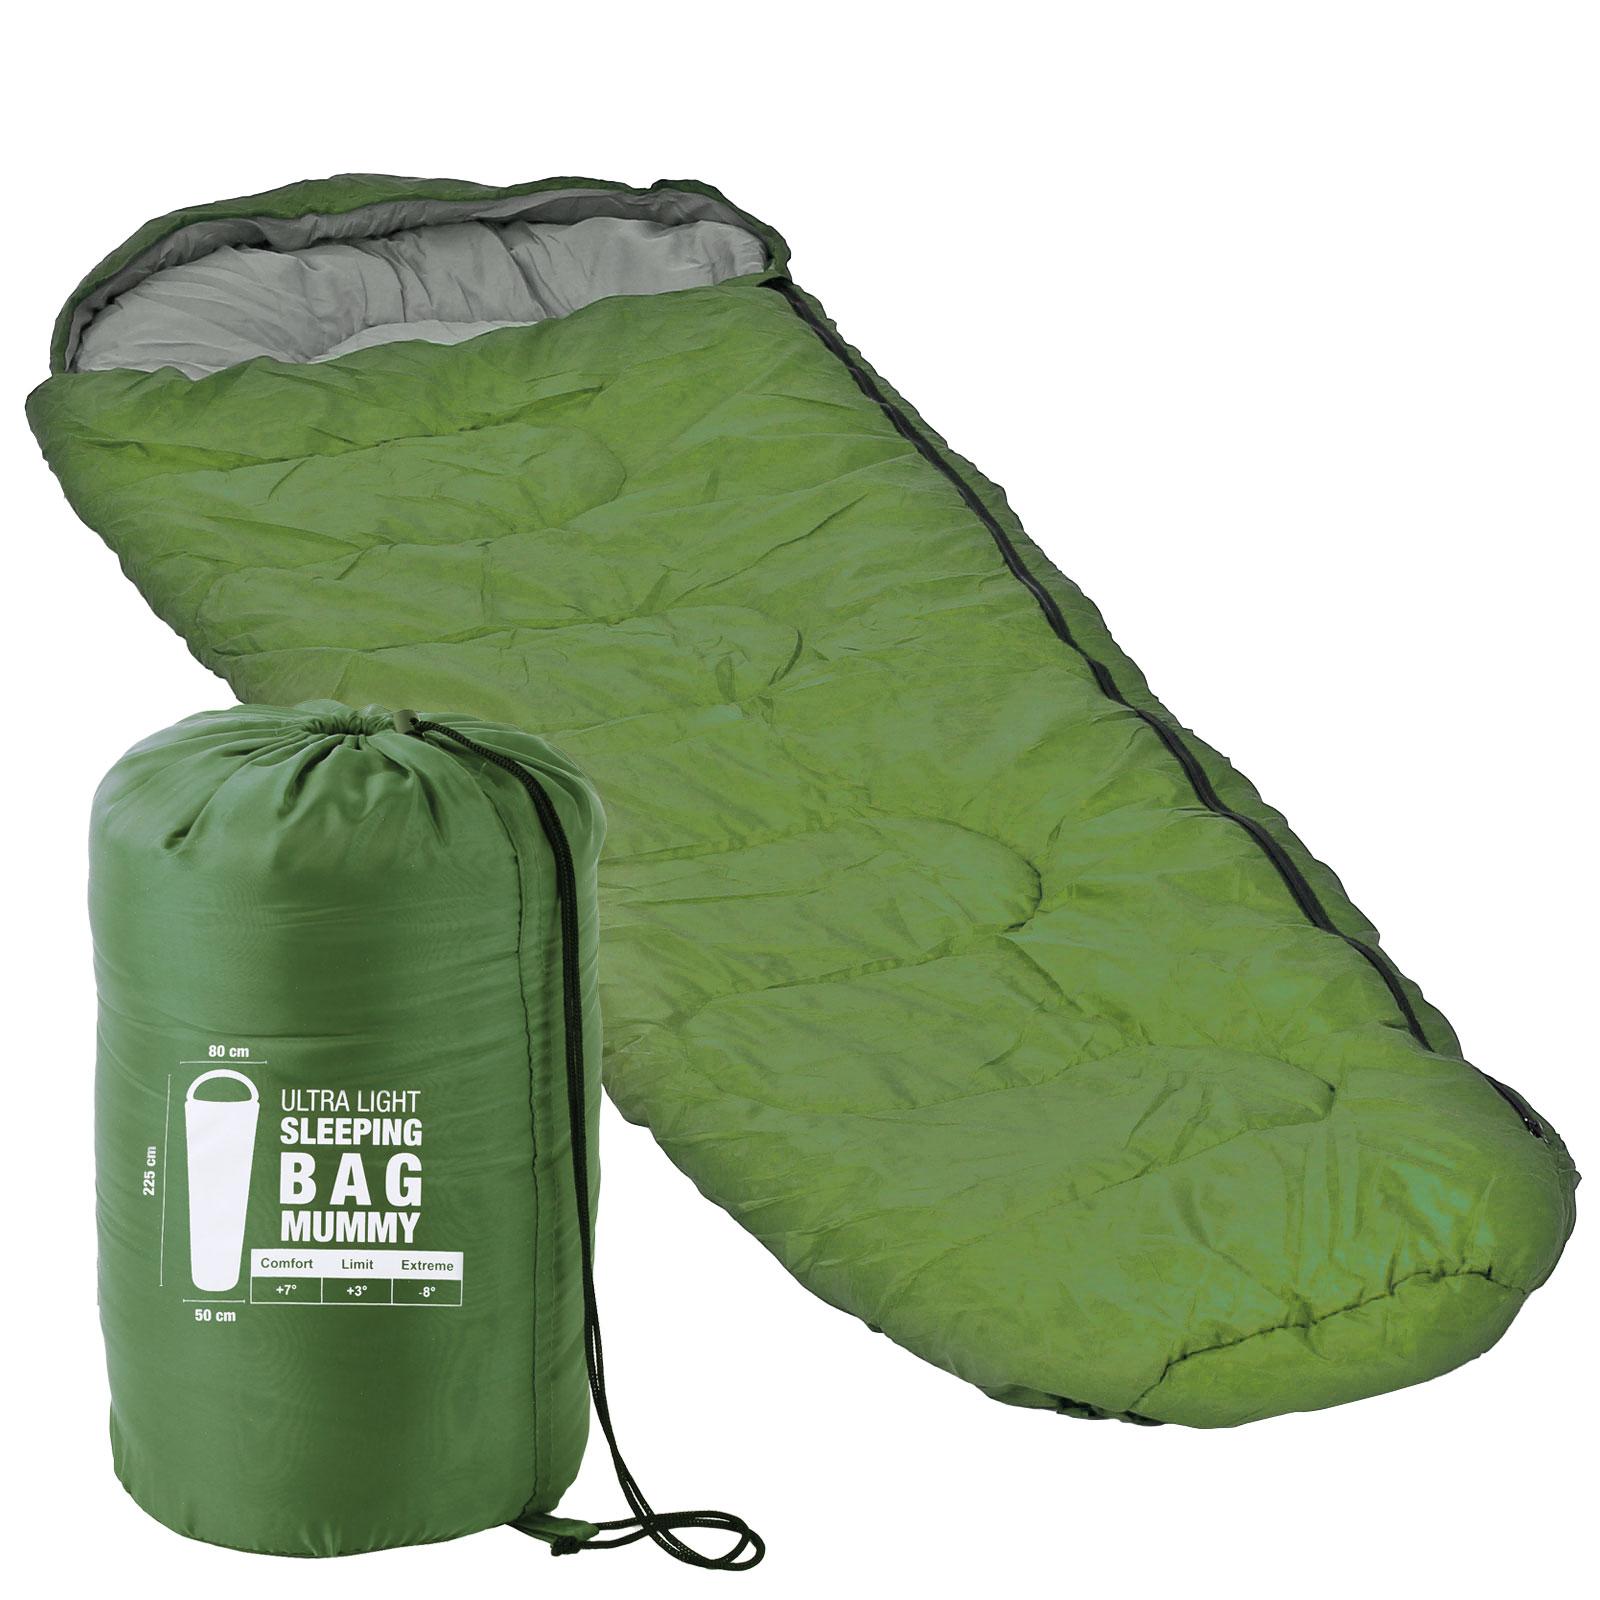 Mumienschlafsack ultraleicht, 225x80x50 cm, - 8 °C, 1,25 kg, grün